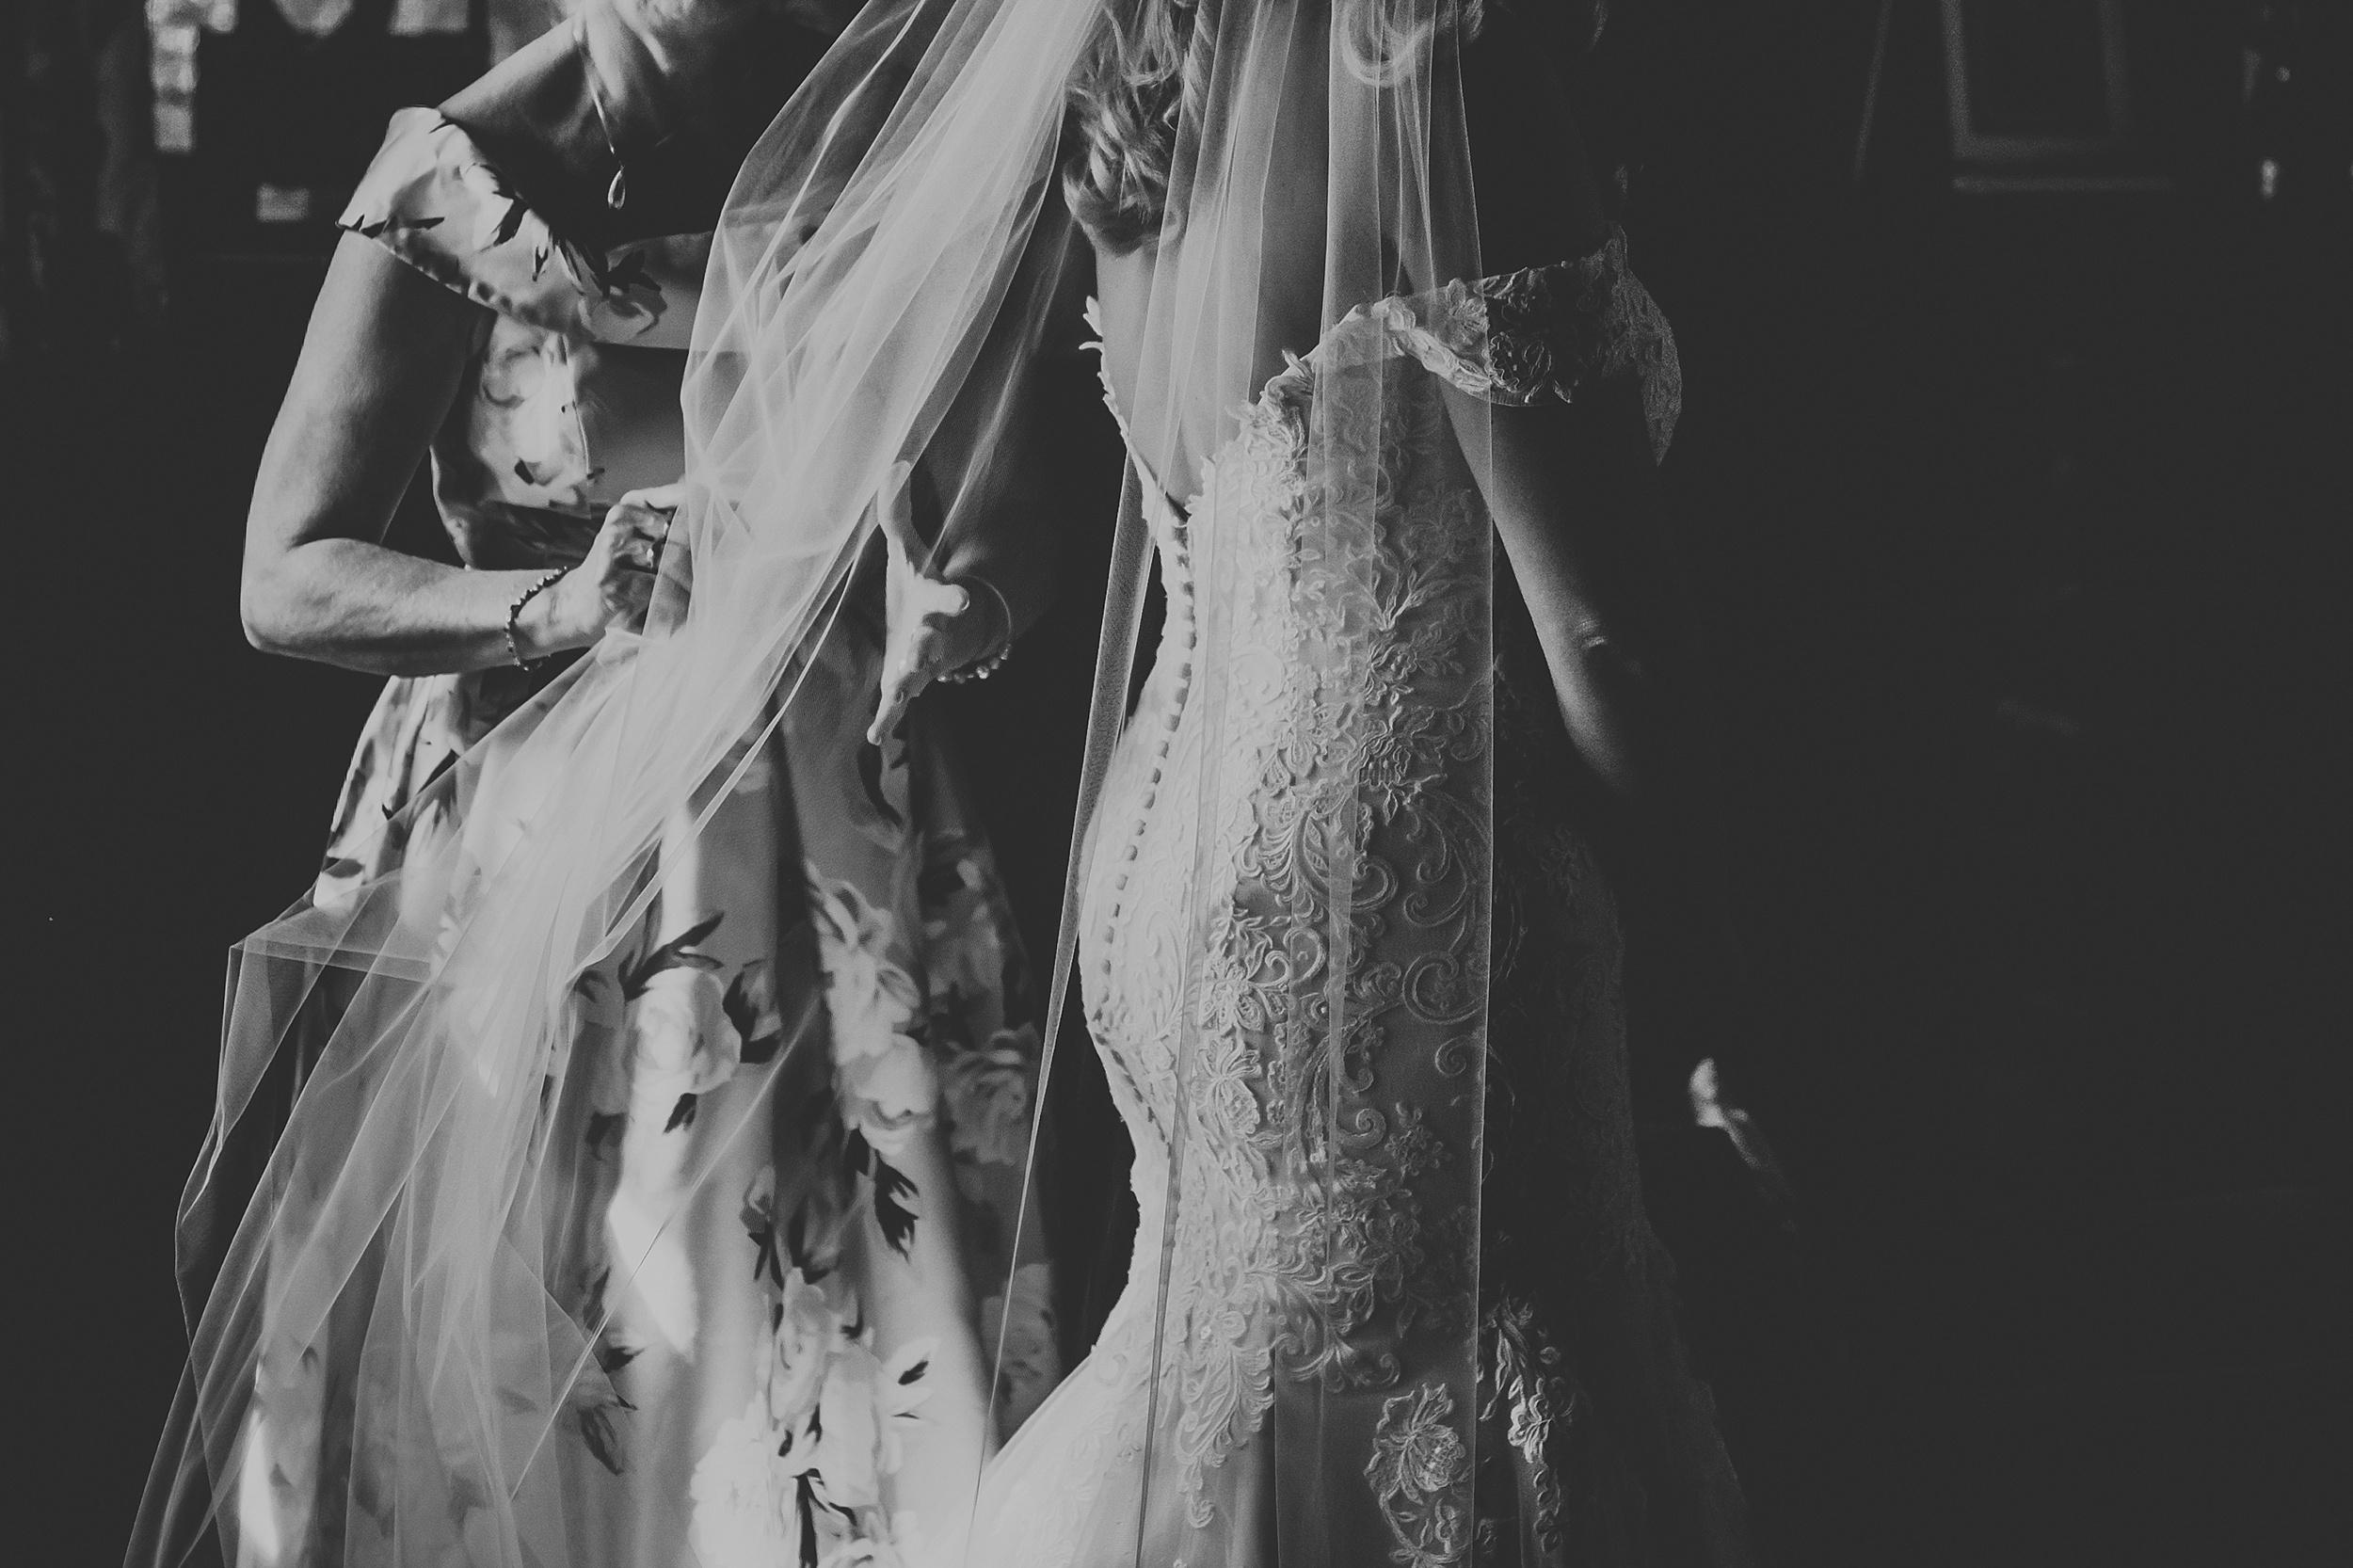 Rustic_Backyard_Wedding_Toronto_Photographer013.jpg